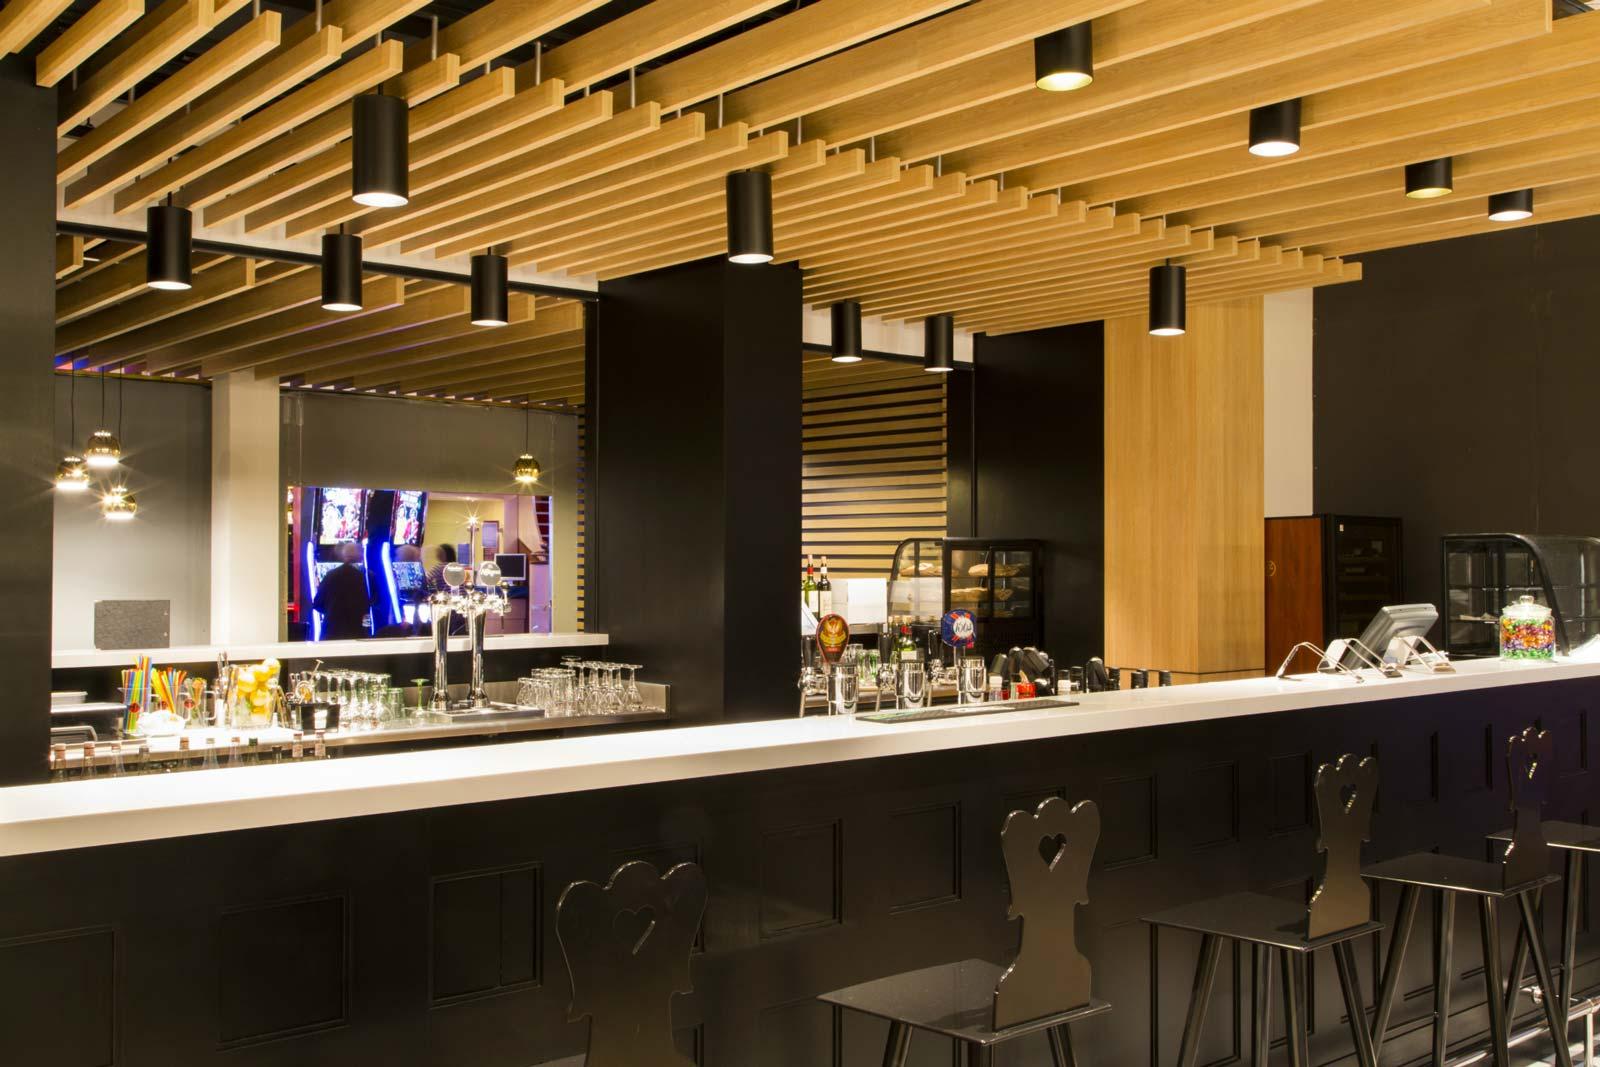 Restaurant winstub casino niederbronn 16 rue de clichy casino de paris